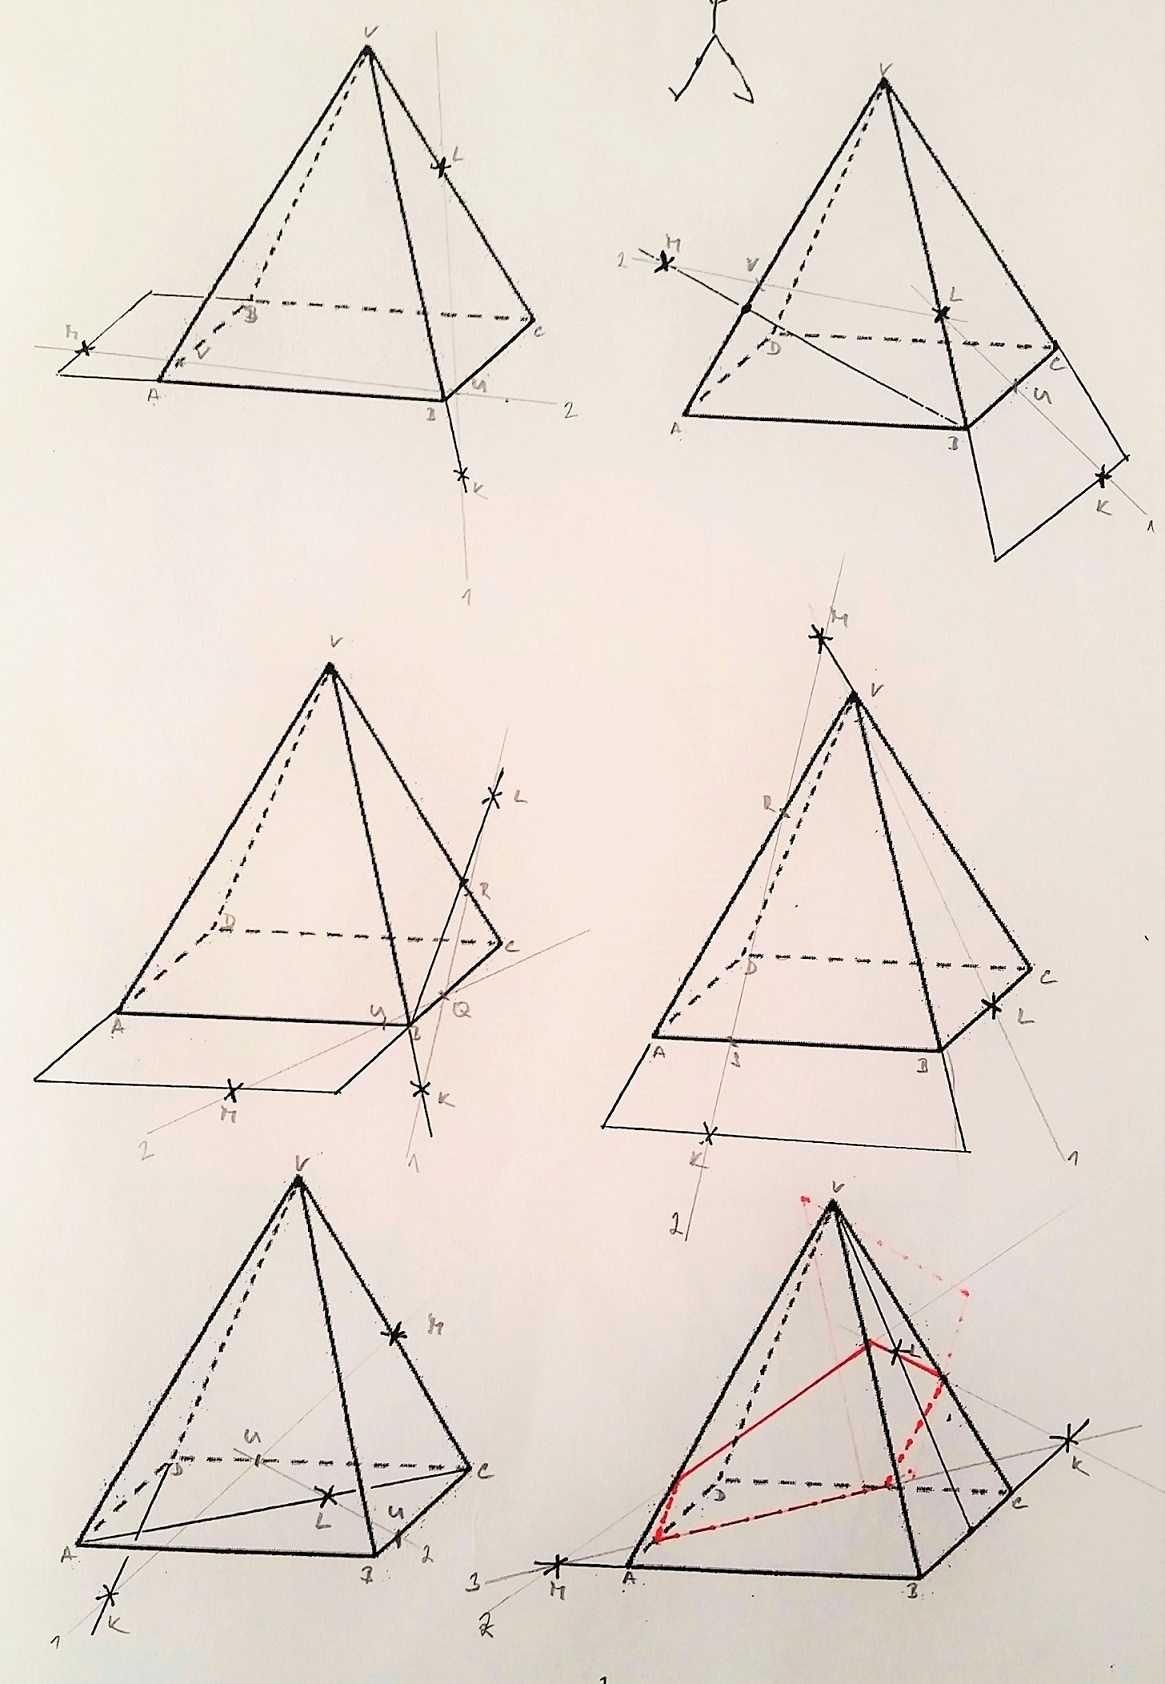 http://forum.matematika.cz/upload3/img/2018-03/64468_Foto%2B1.jpg